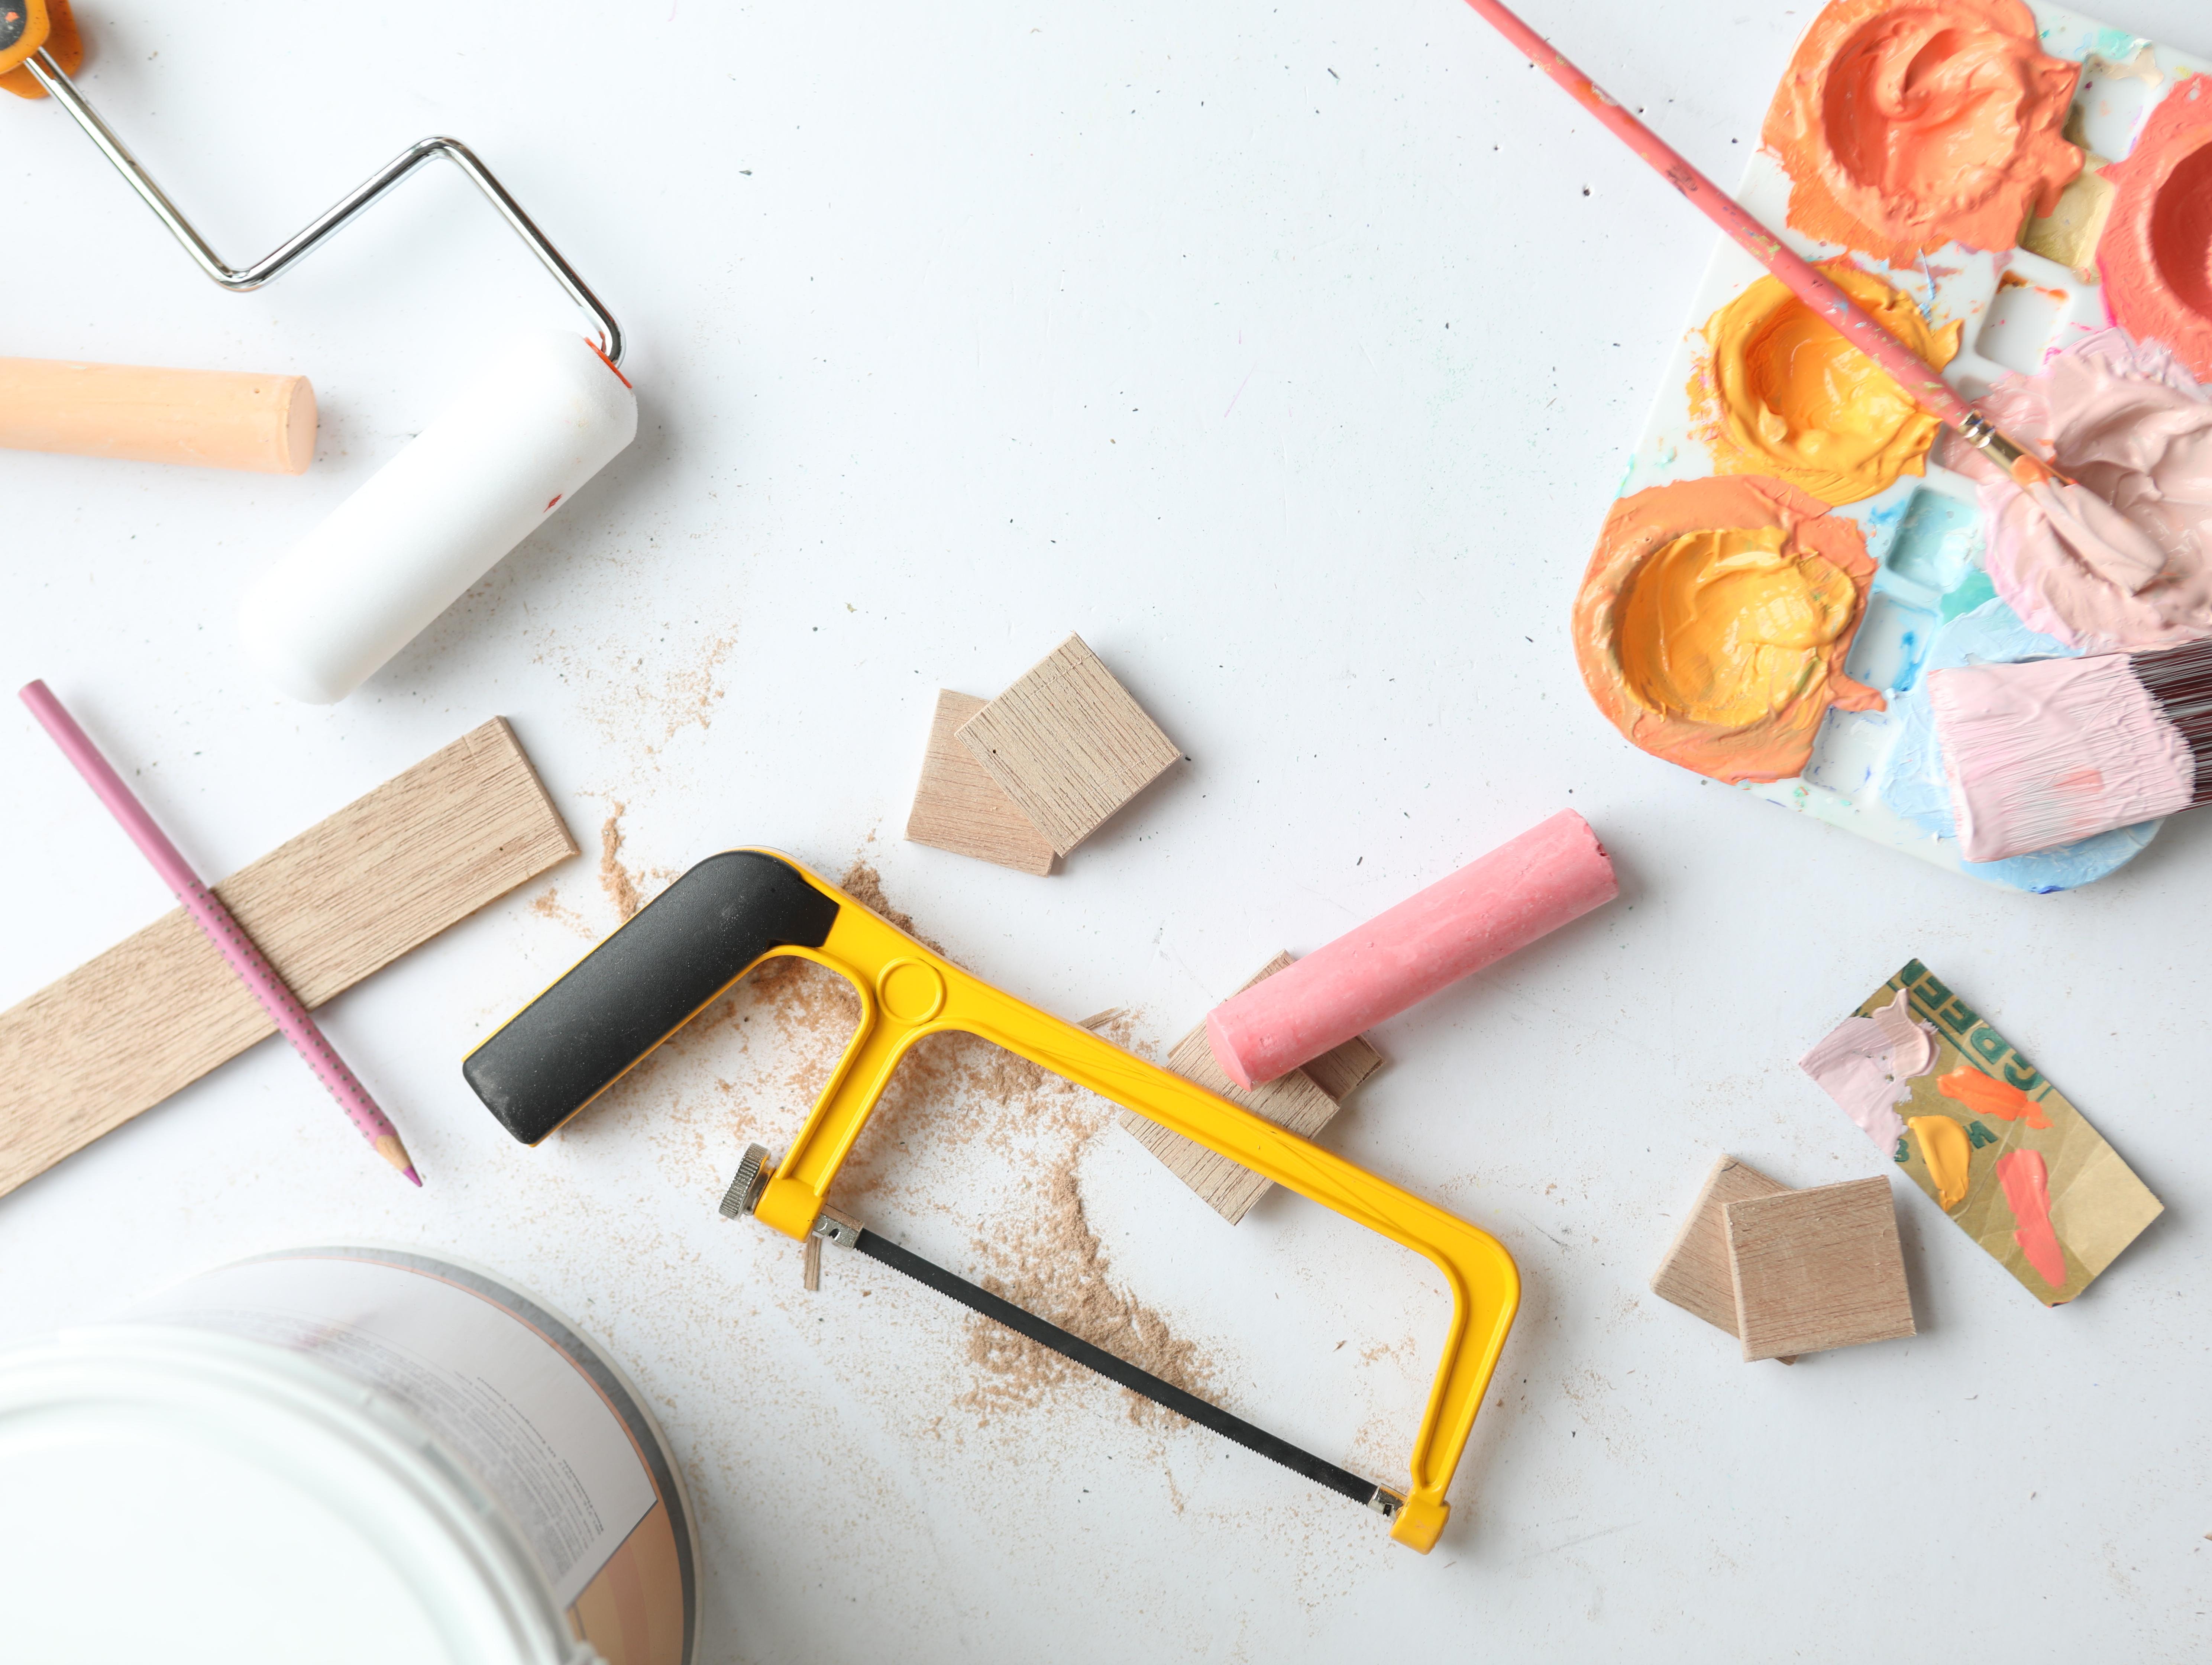 DIY Chalkboard and Craft Organizer Cut3